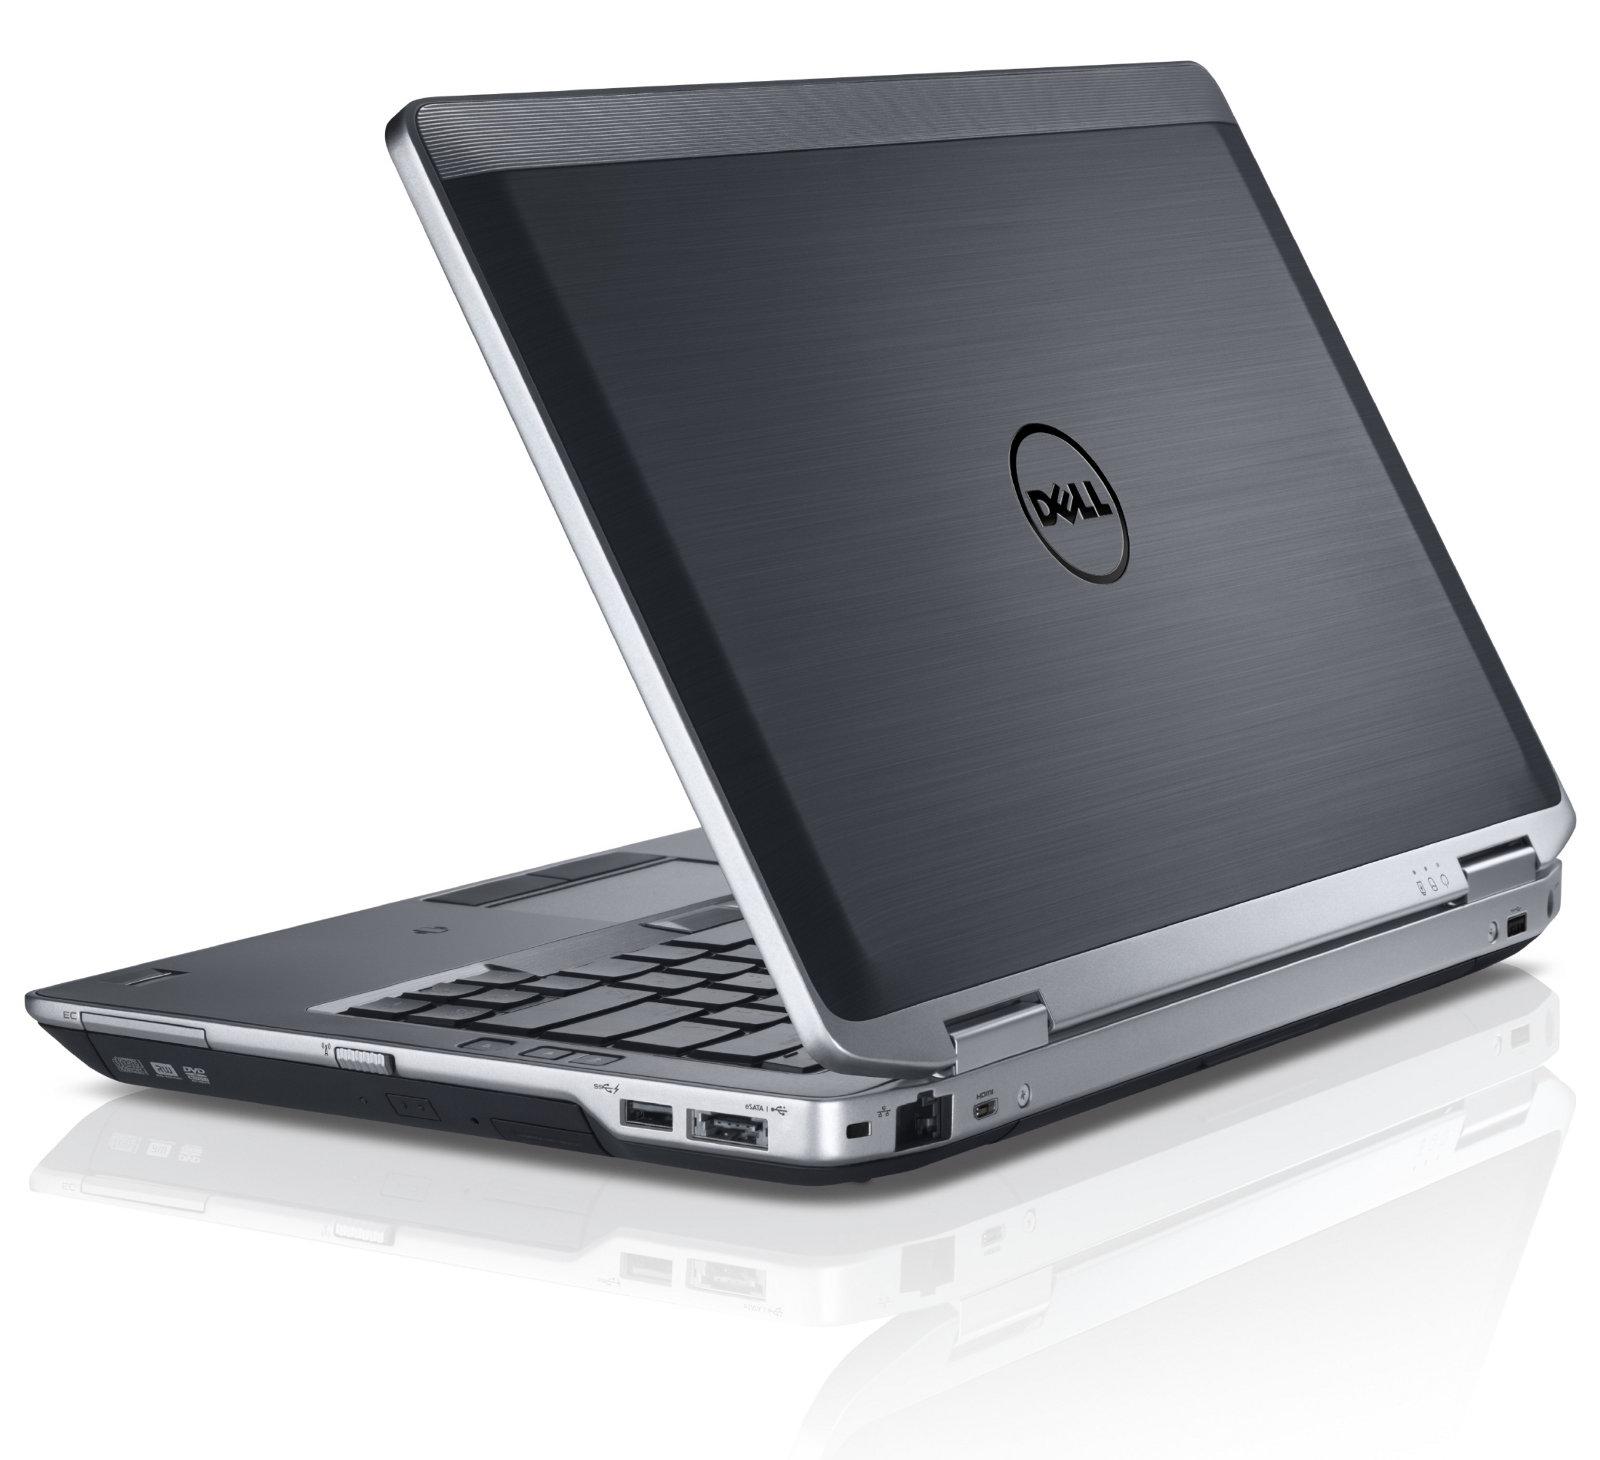 Cần thuê laptop theo tháng tại Hà Nội, Cho thuê máy tính xách tay